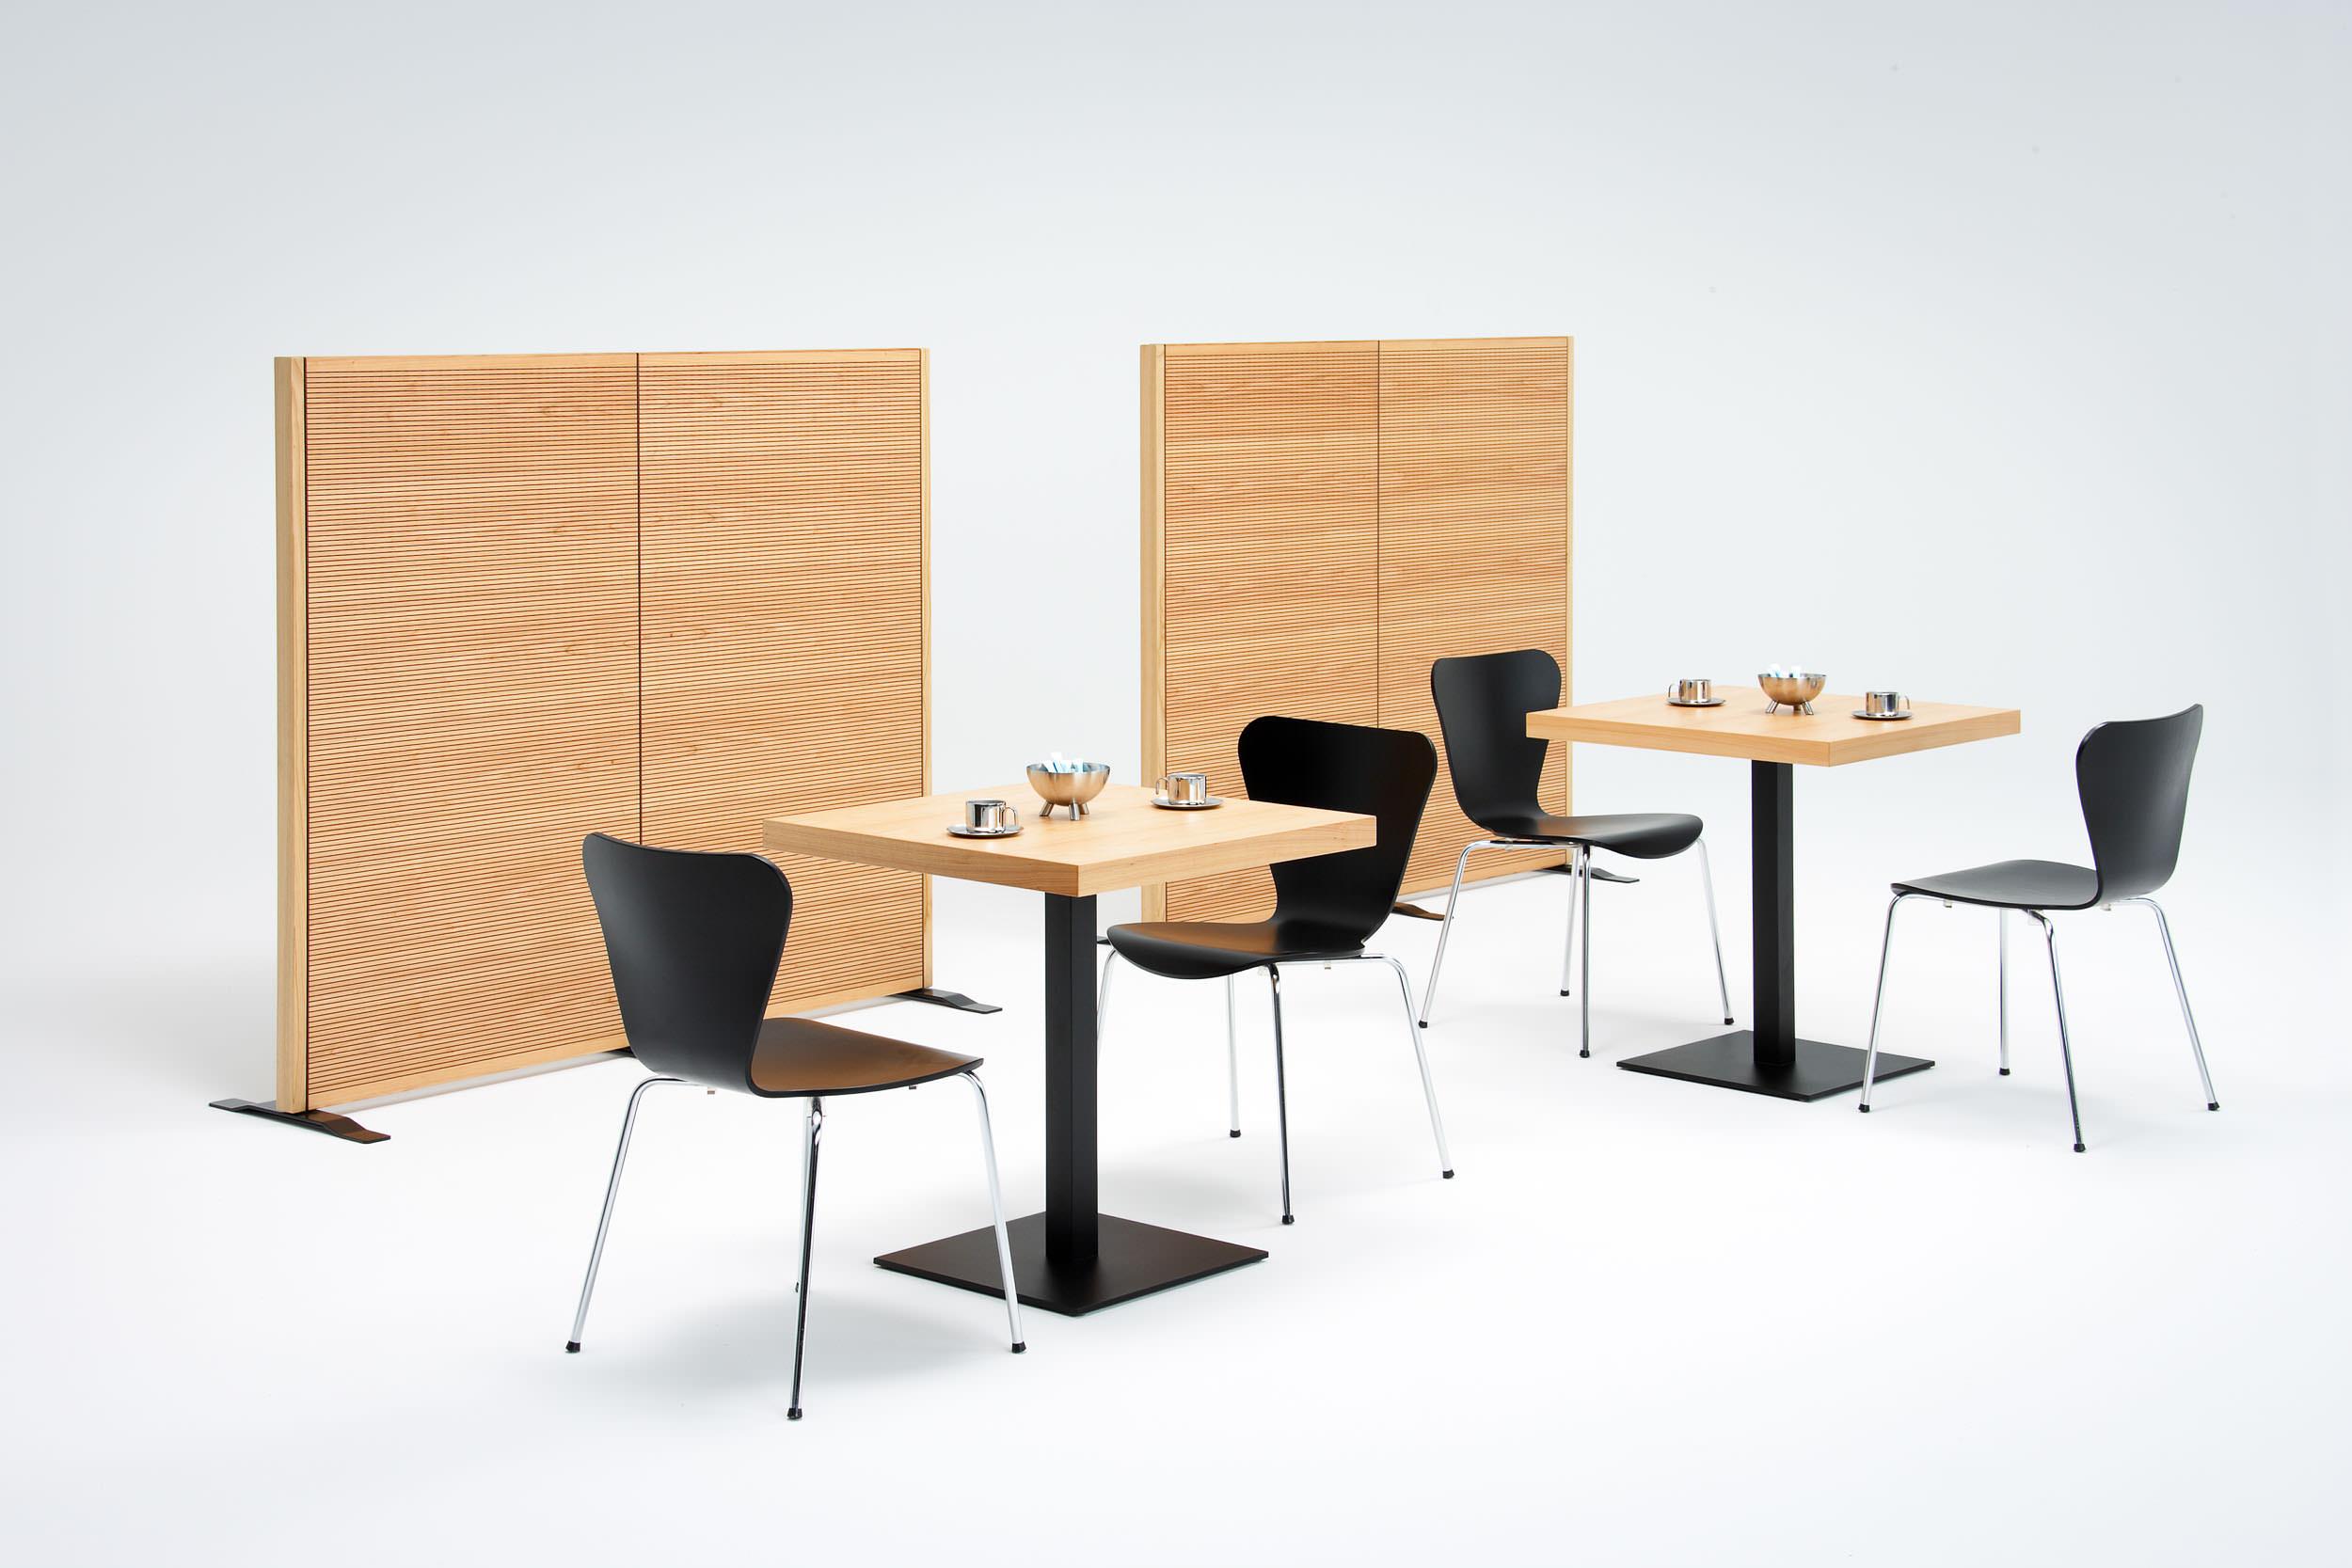 objektst hle zurbuchen ag amlikon objekt raum design schweizer m belproduzent mit tradition. Black Bedroom Furniture Sets. Home Design Ideas